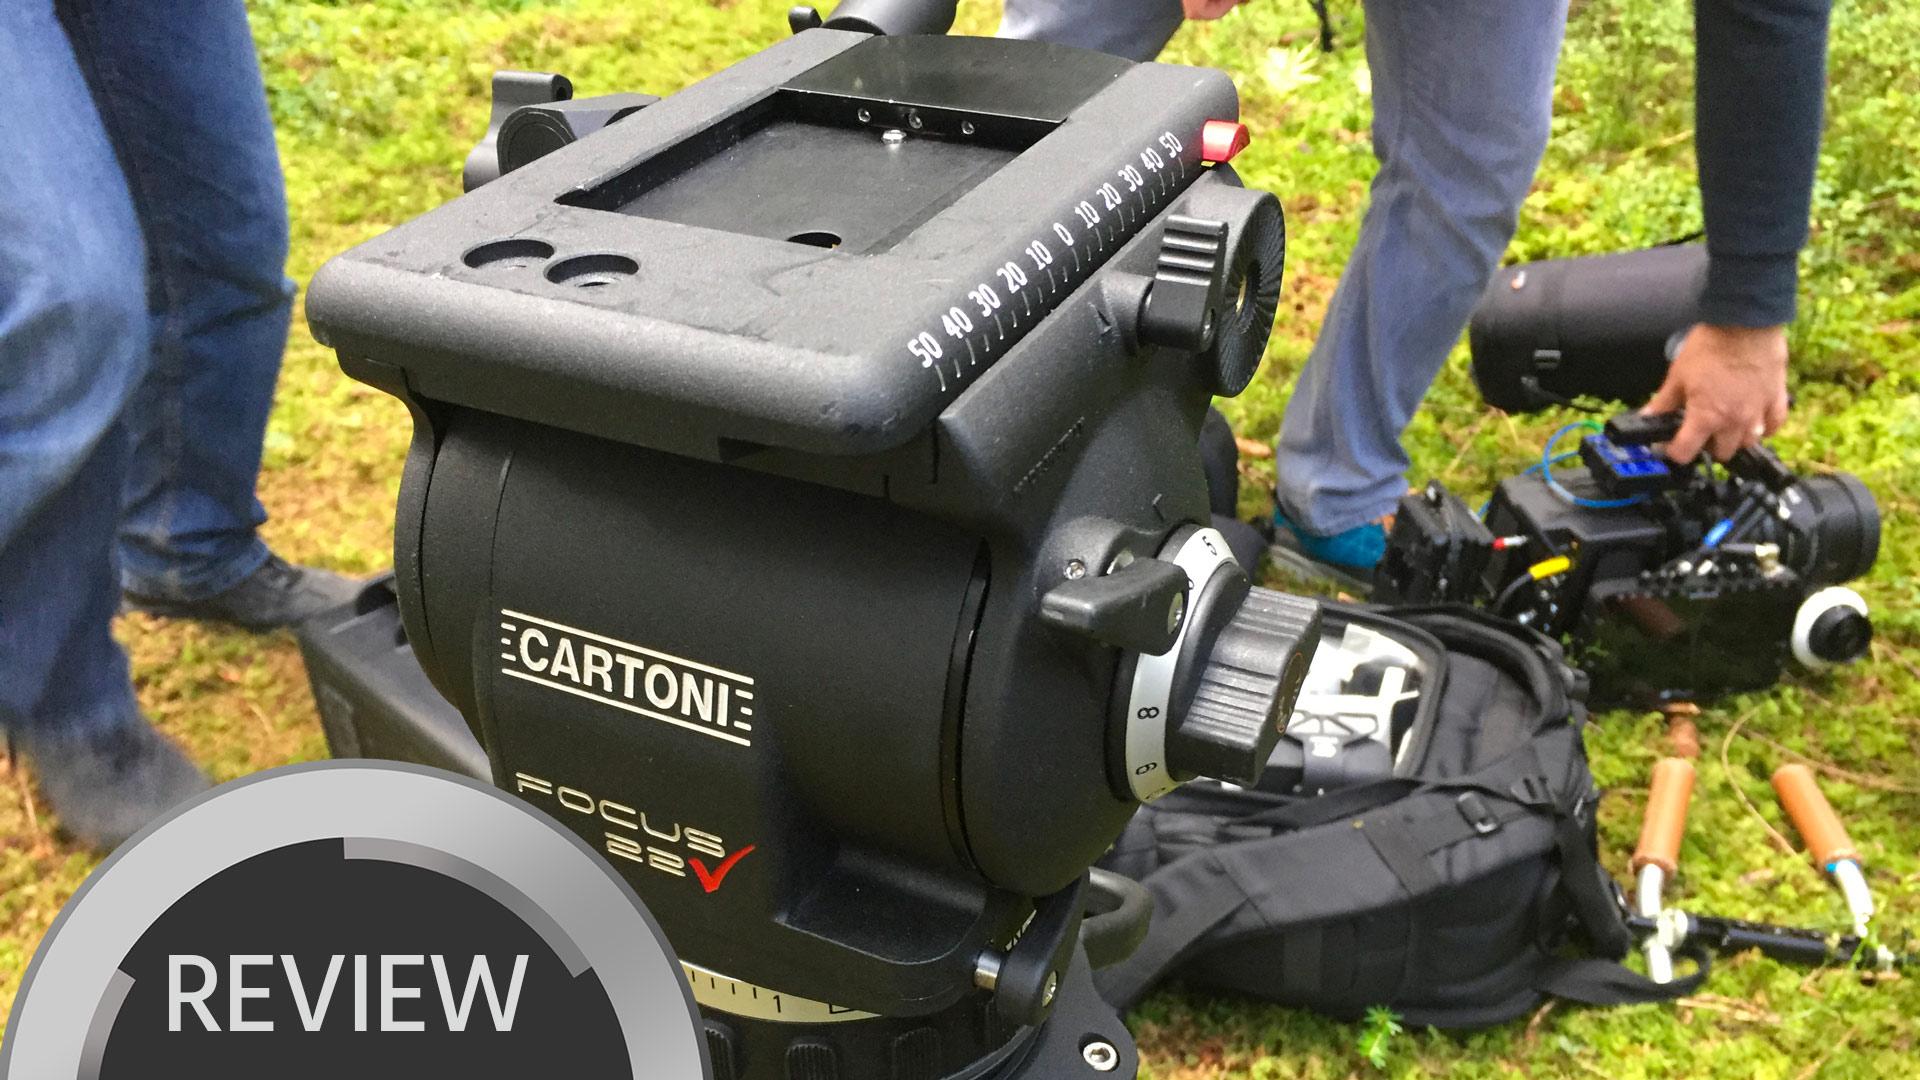 Reseña del Cartoni Focus 22 - Un sistema de trípode más asequible para cámaras pesadas